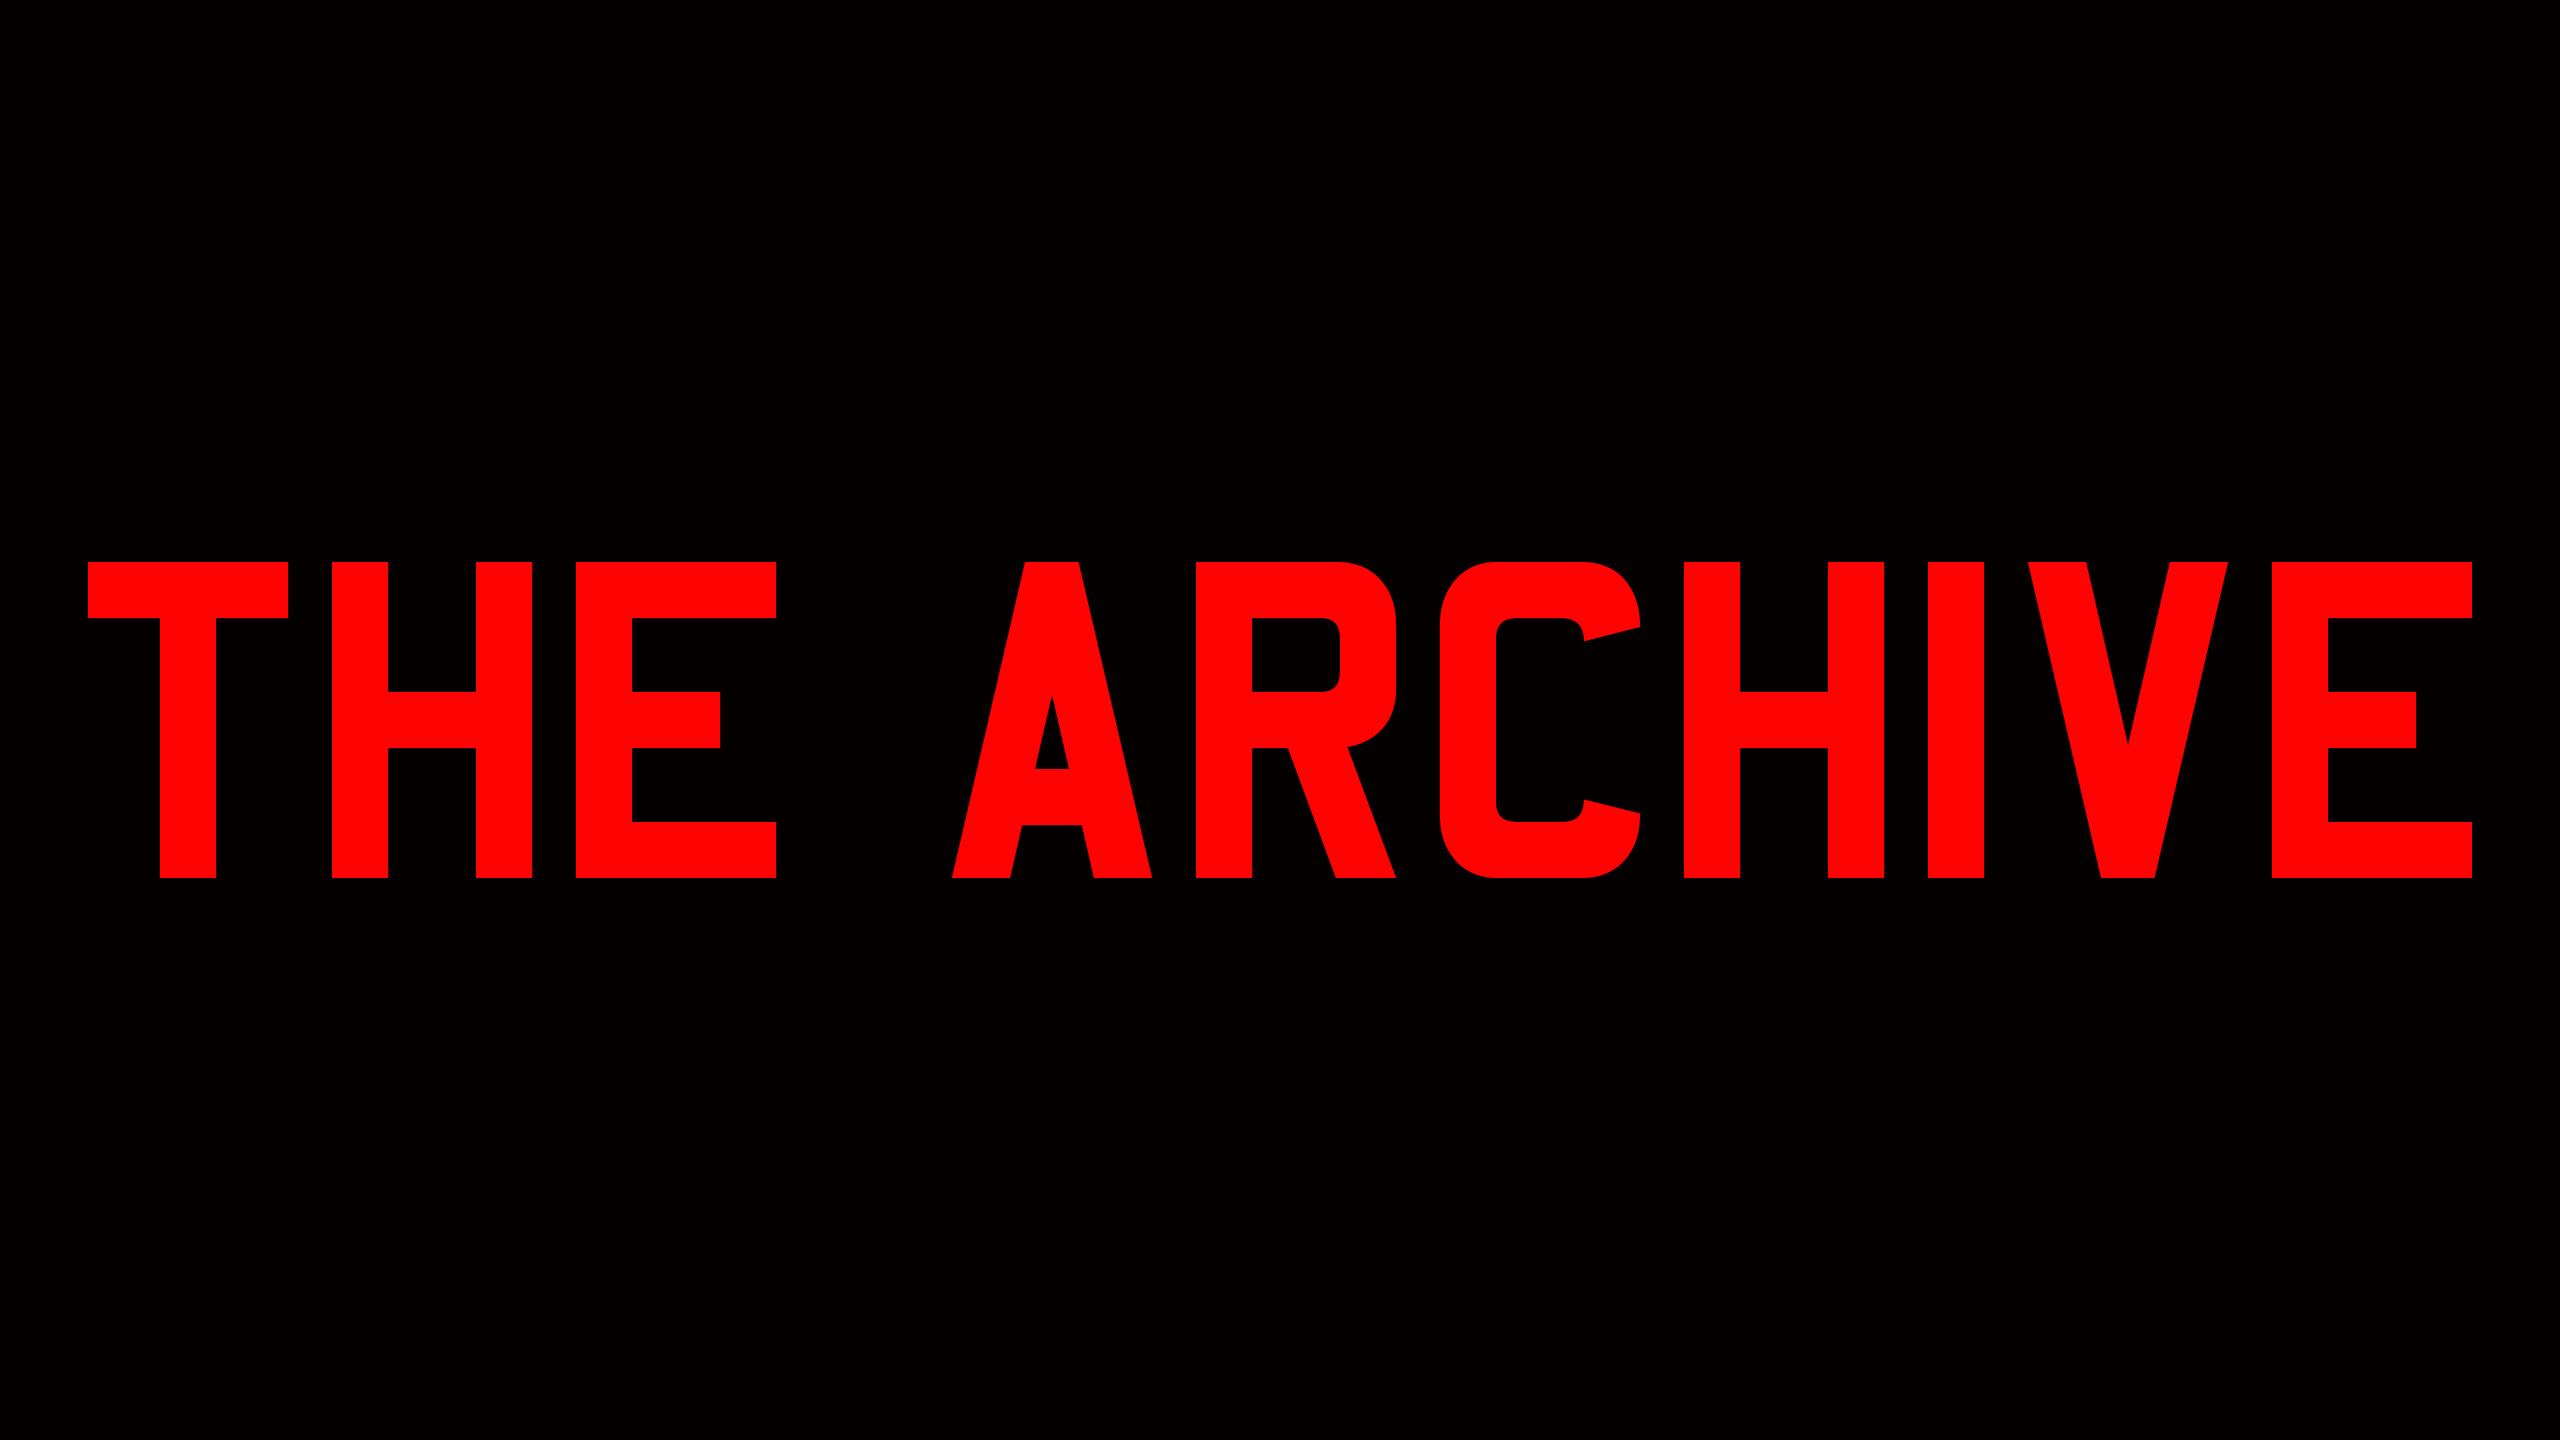 The Archive - Episode 1: Conform